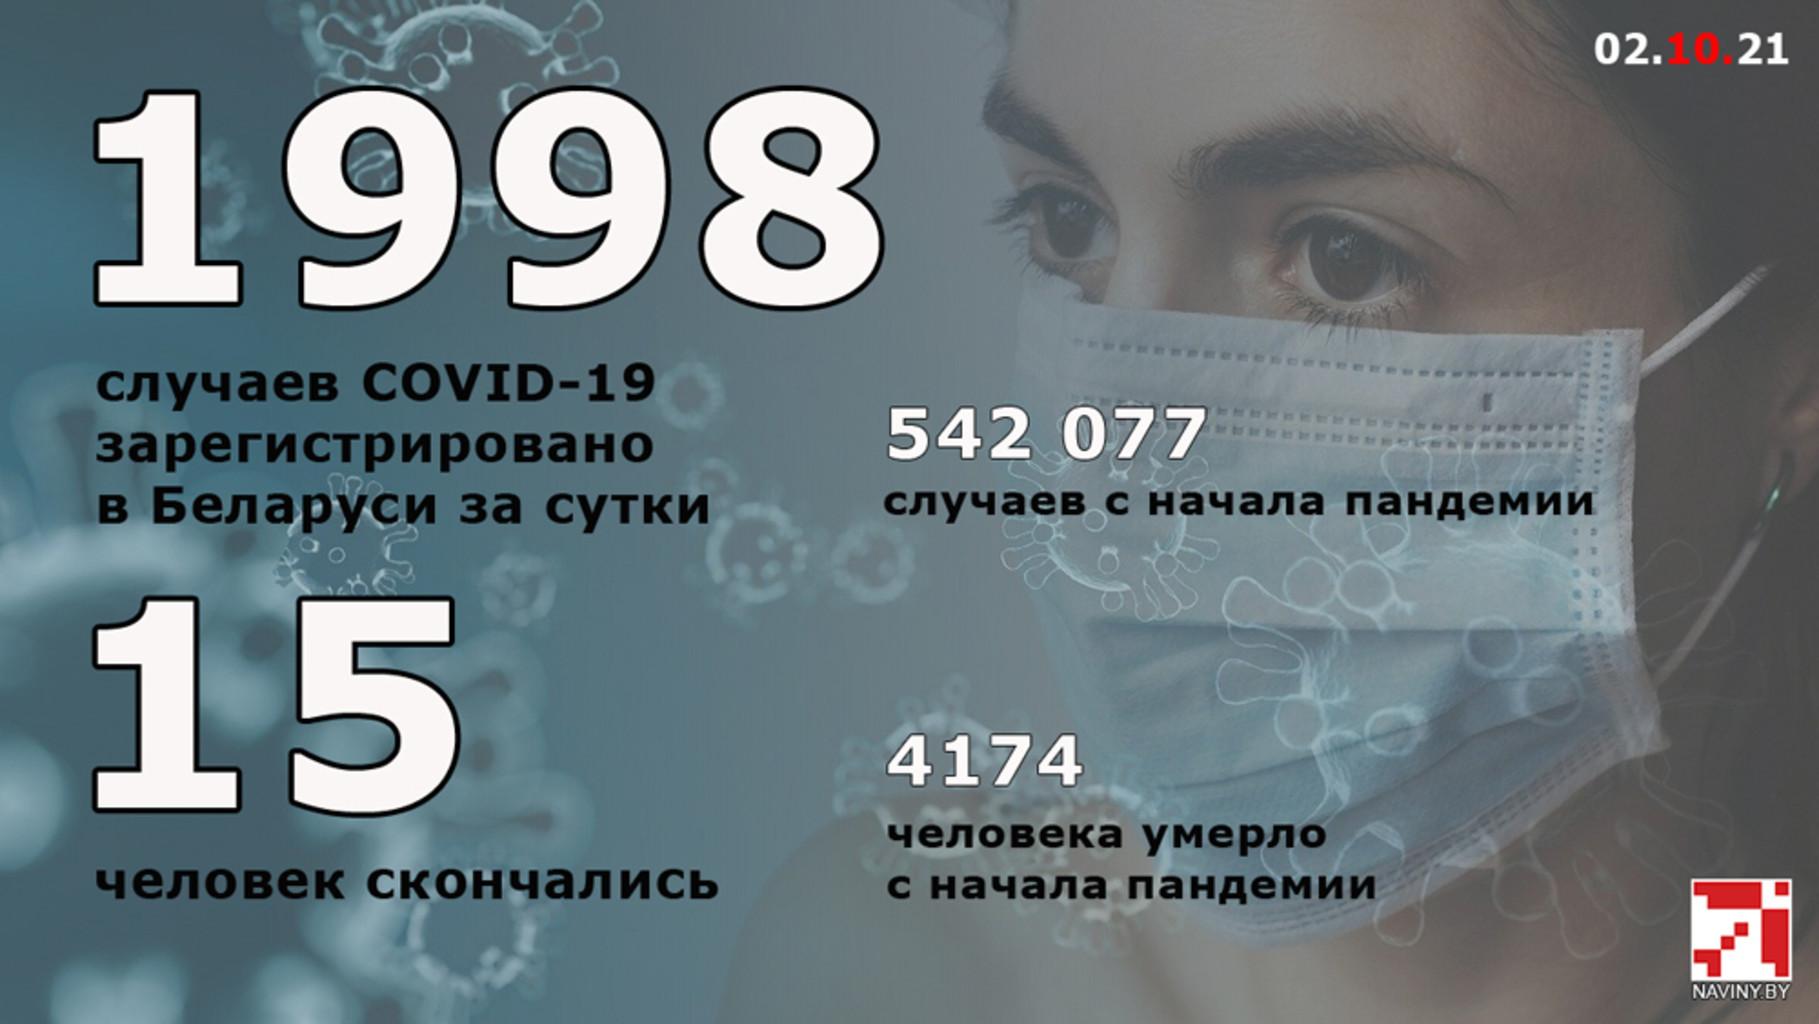 Coronavirus 0210 0